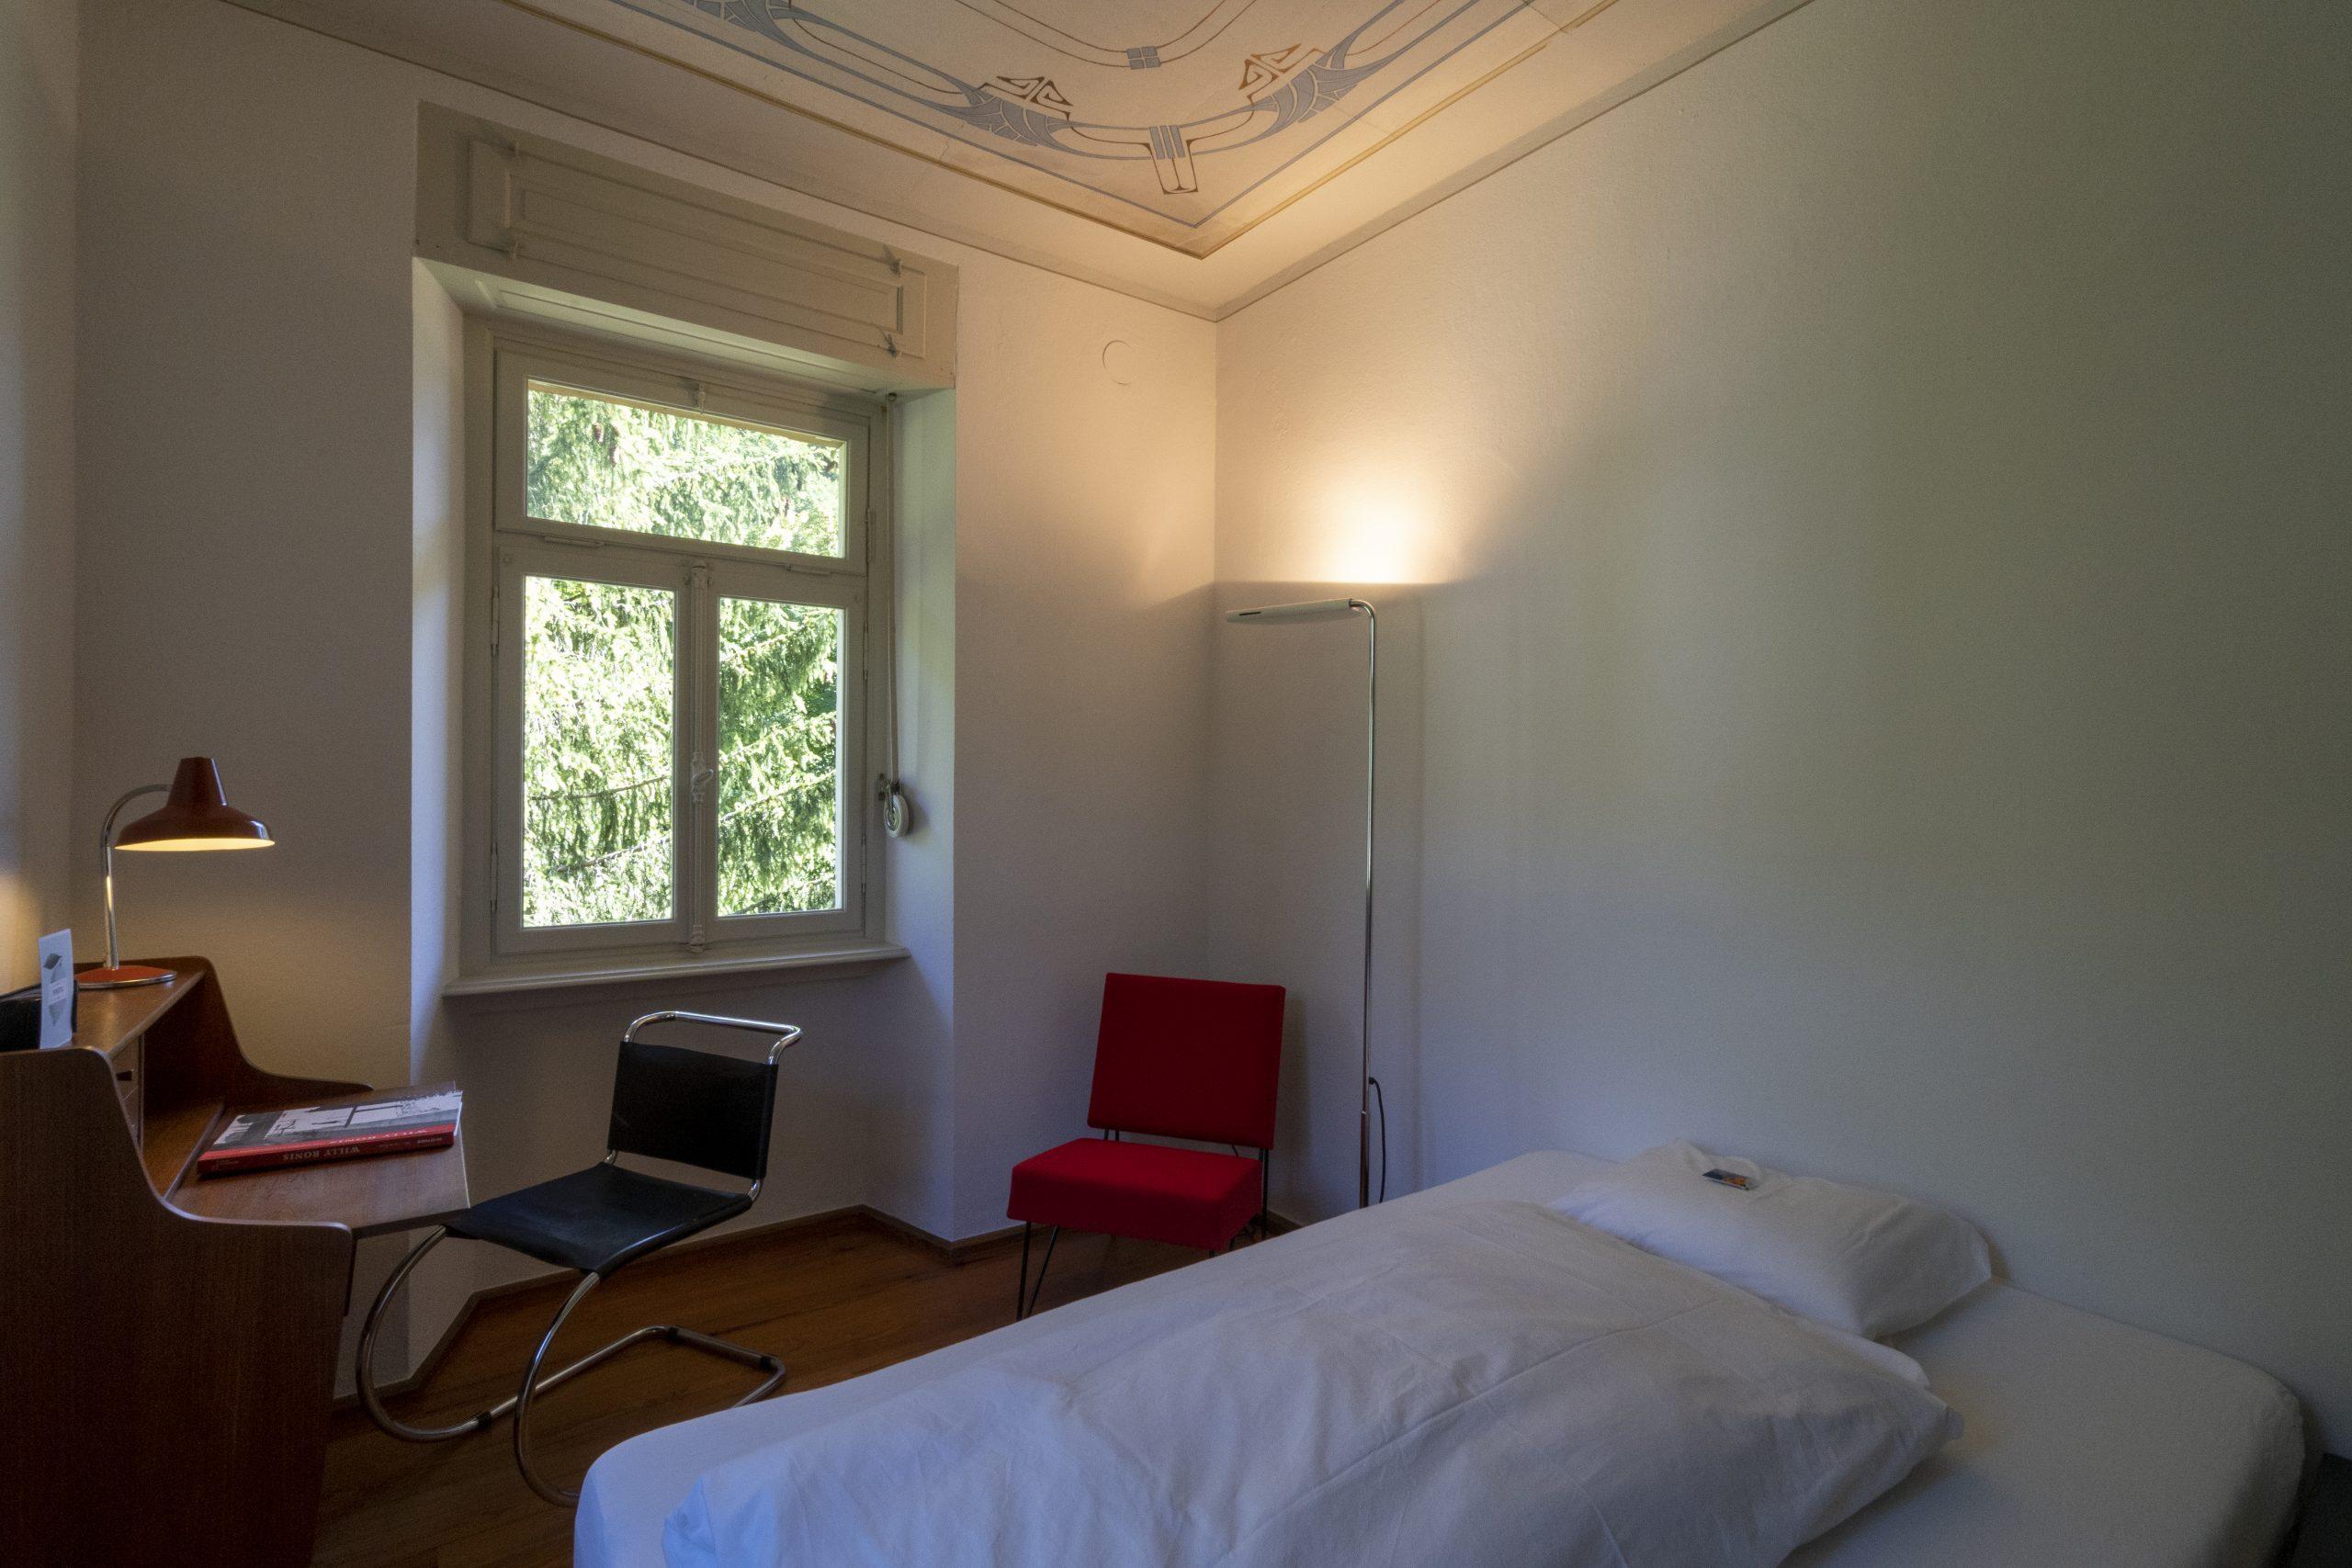 Fusio Villa Pineta Chambre 6 Fresque Biaisjpg